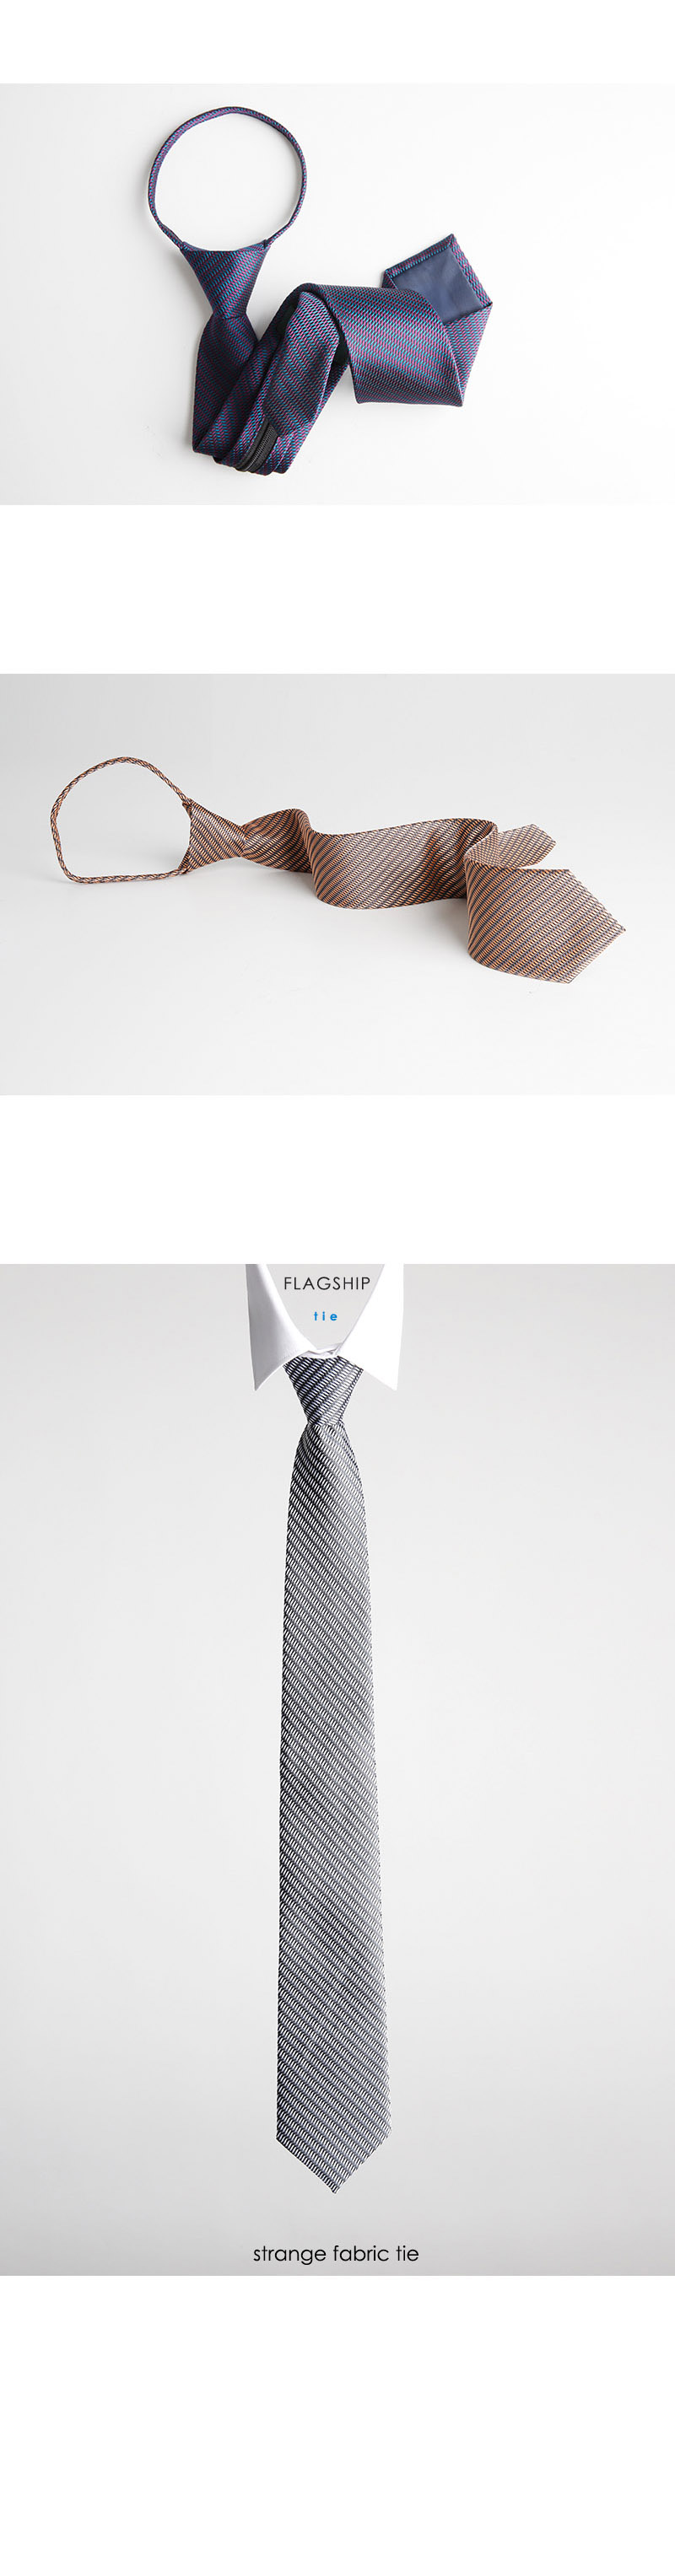 [플래그쉽] 스트레인지 페브릭 자동 넥타이 [5컬러] (FLAGSHIP strange fabric tie)